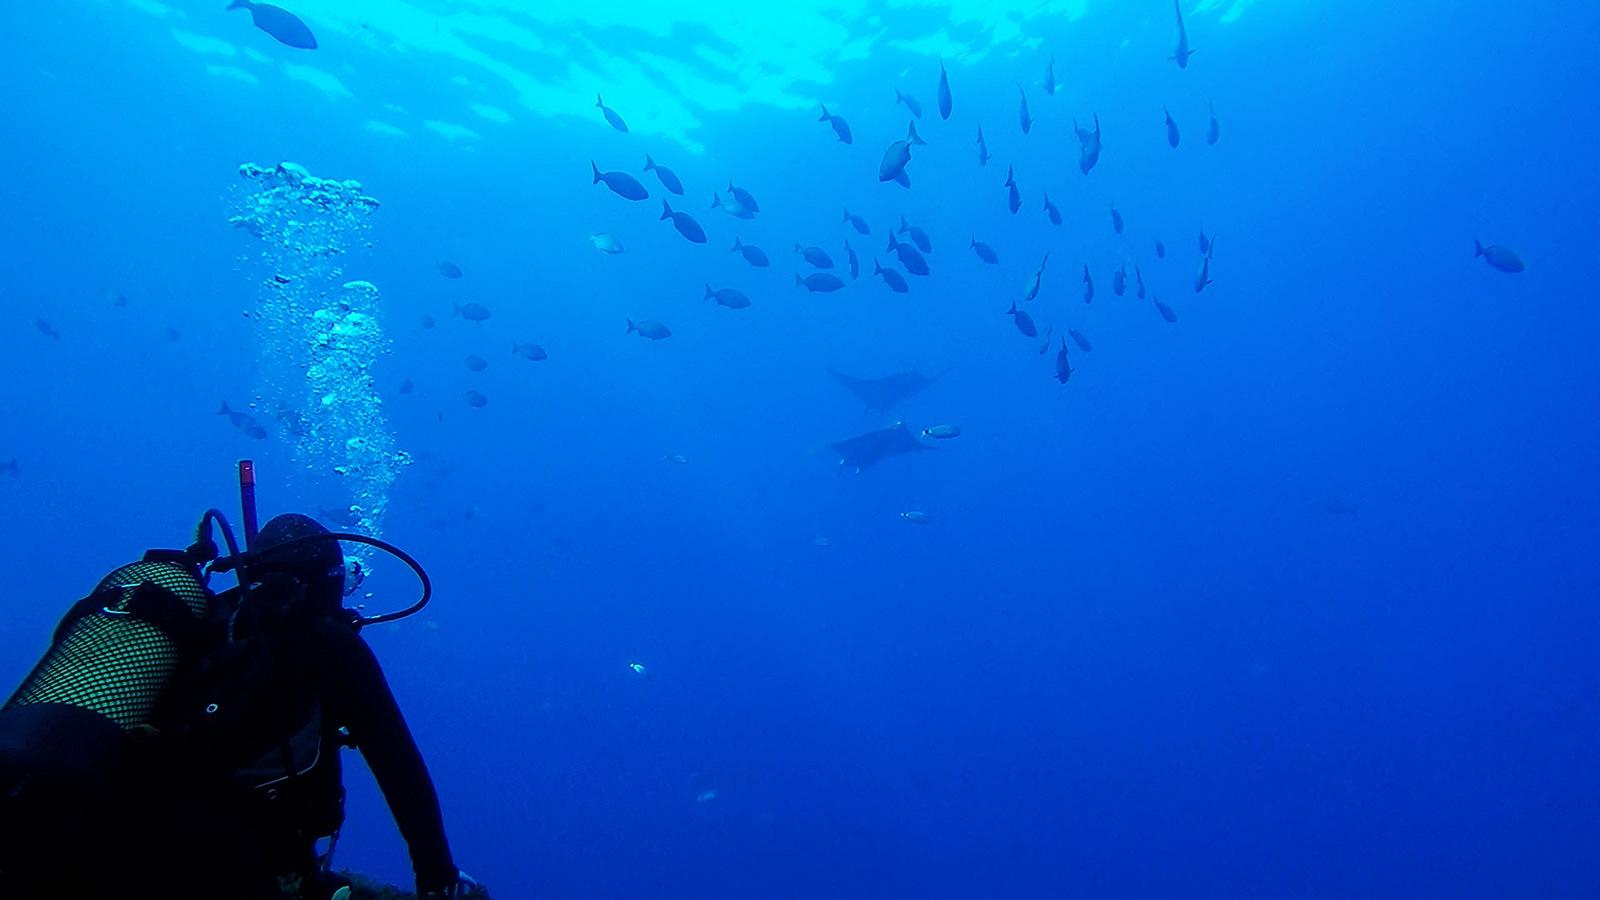 ψάρια μοβούλη θάλασσα εντόπισε περίεργο σμήνος